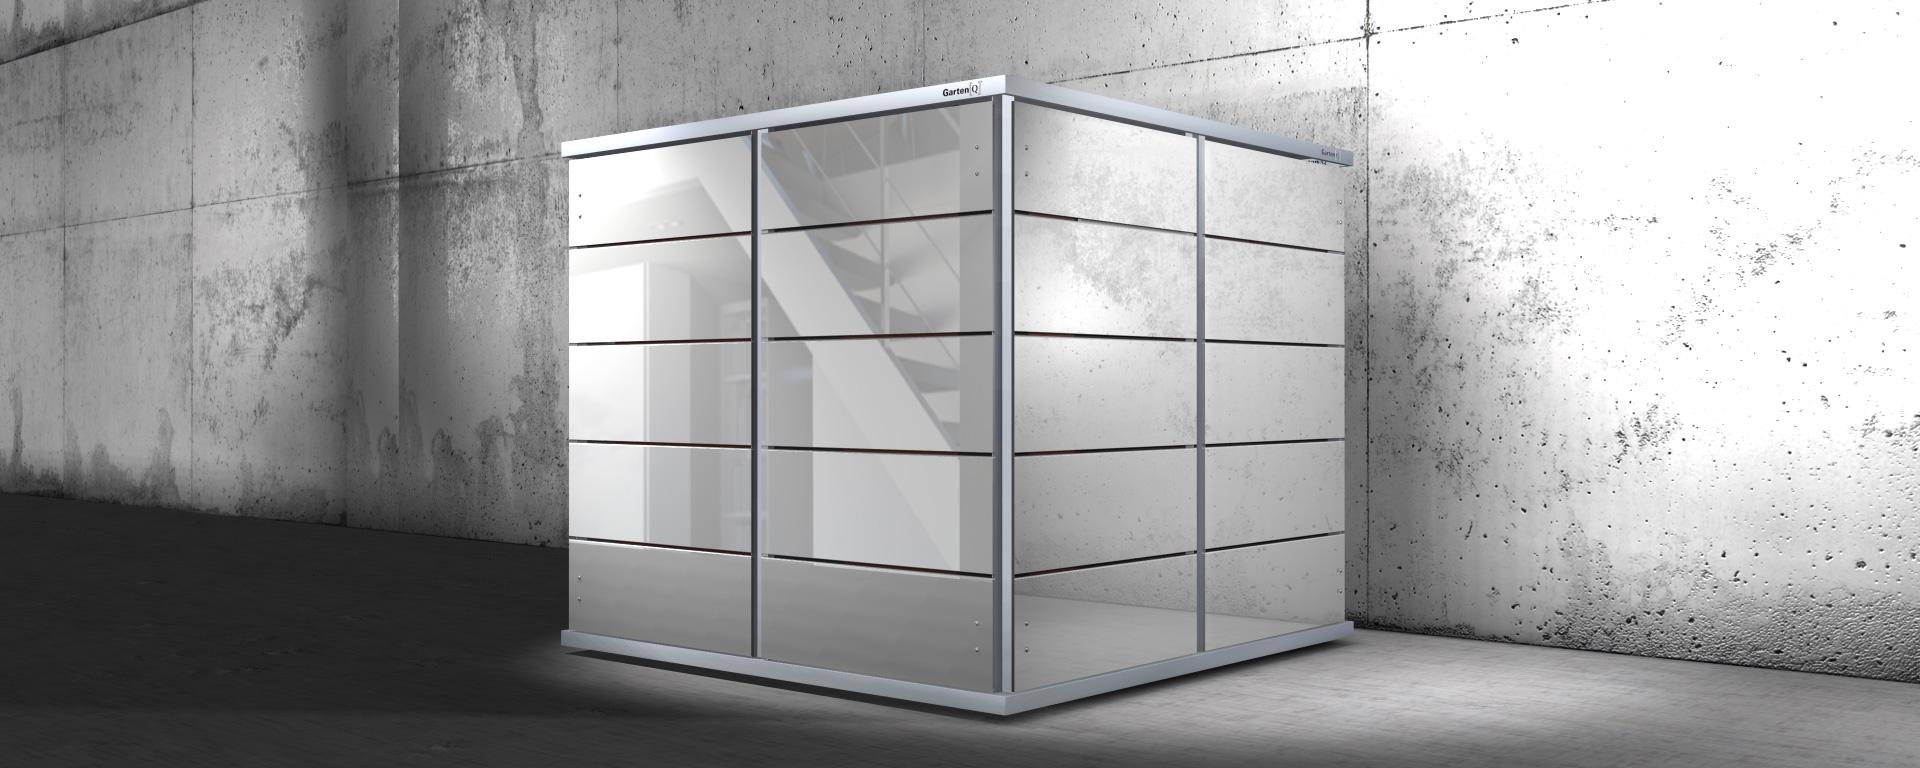 kleines gartenhaus cube von garten q garten q gmbh. Black Bedroom Furniture Sets. Home Design Ideas